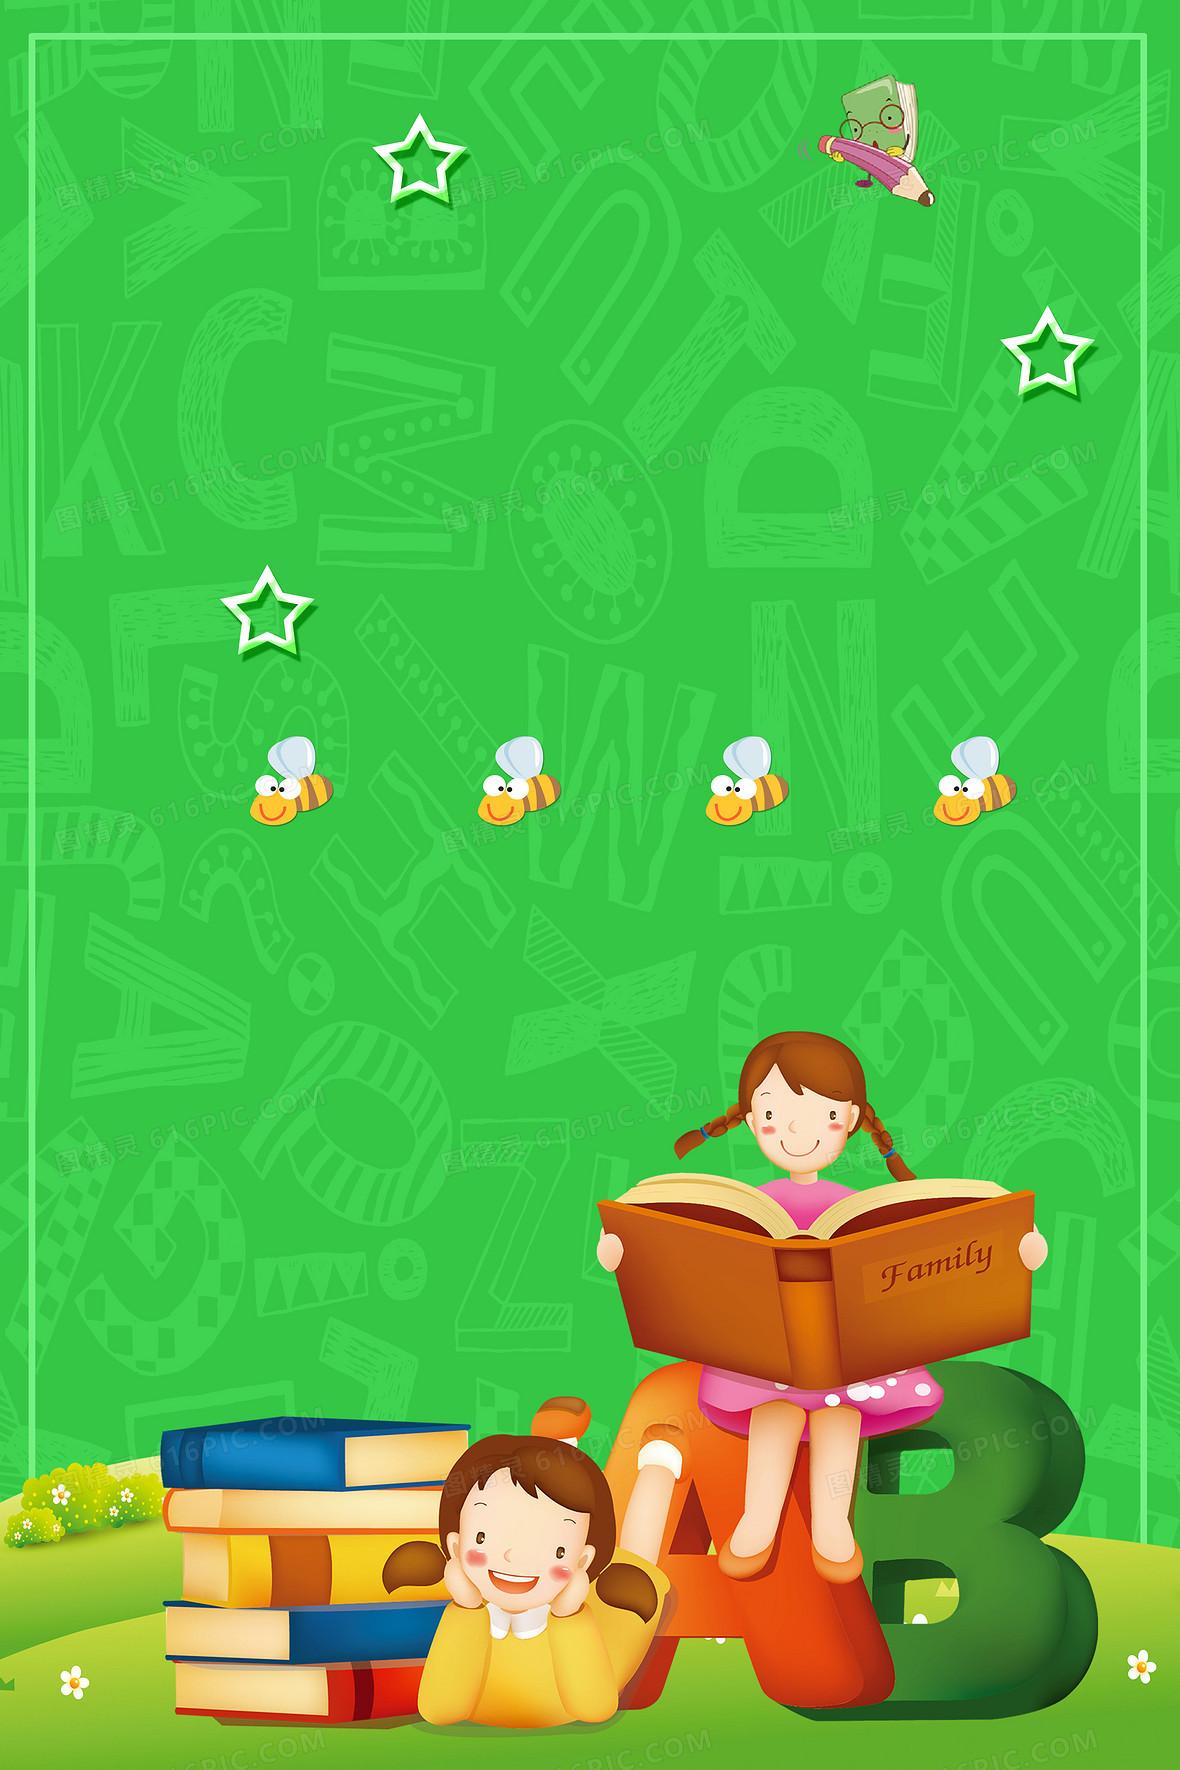 绿色卡通游乐园儿童节海报背景素材